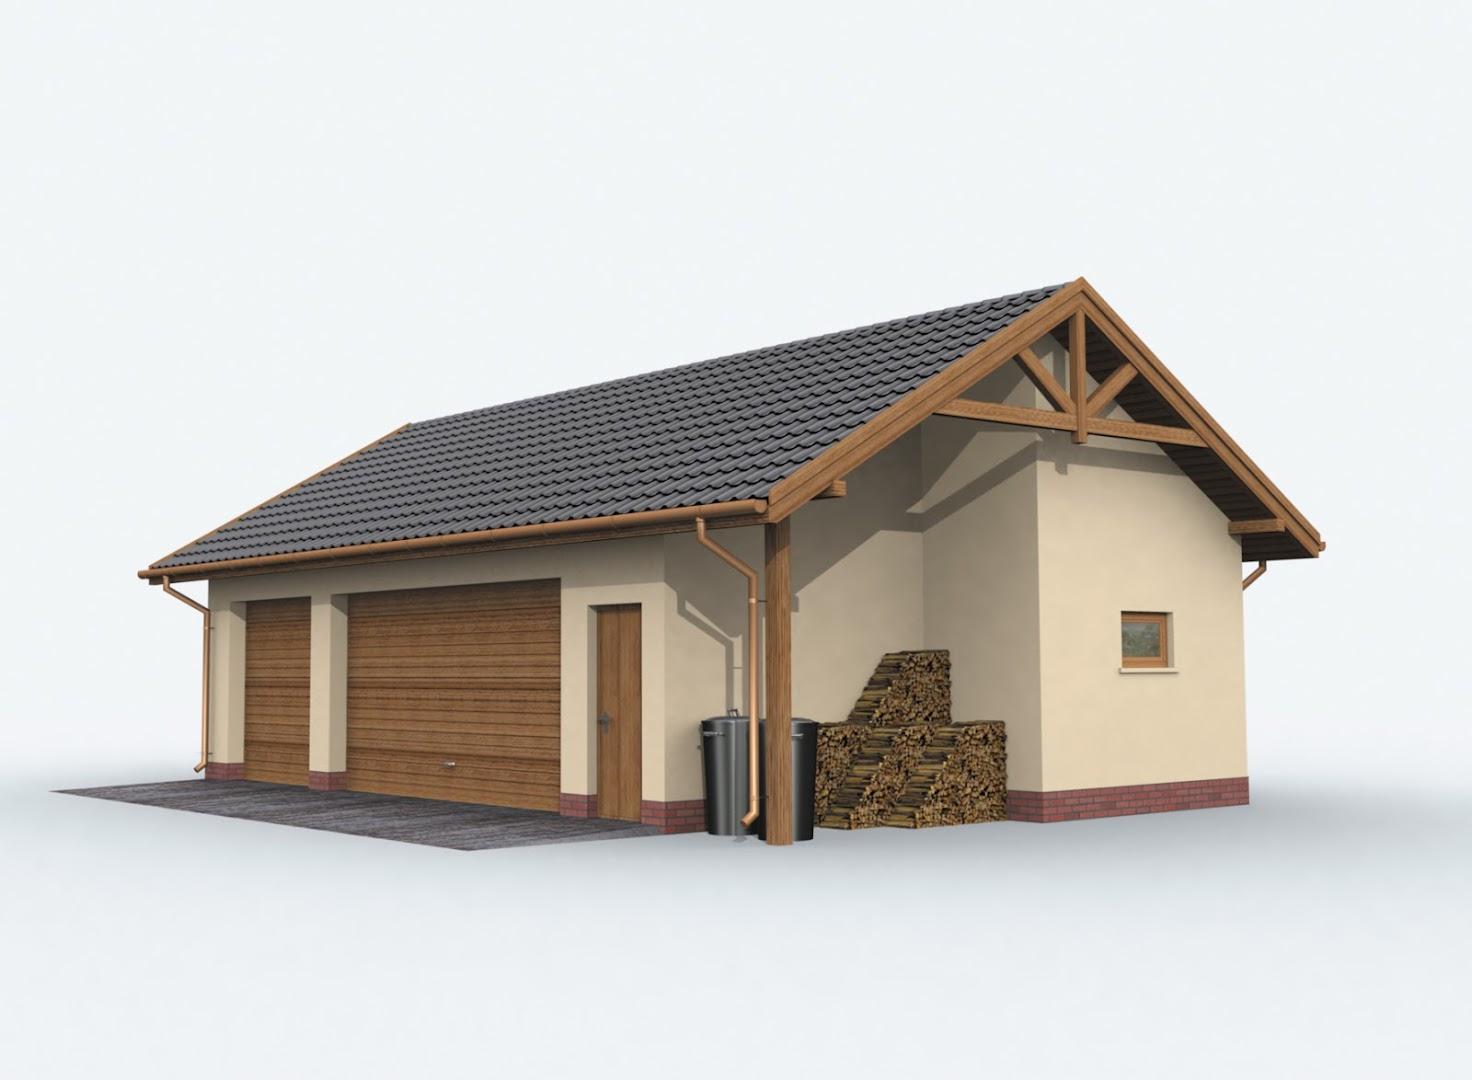 Projekt Garażu G156 Szkielet Drewniany Garaż Trzystanowiskowy Z